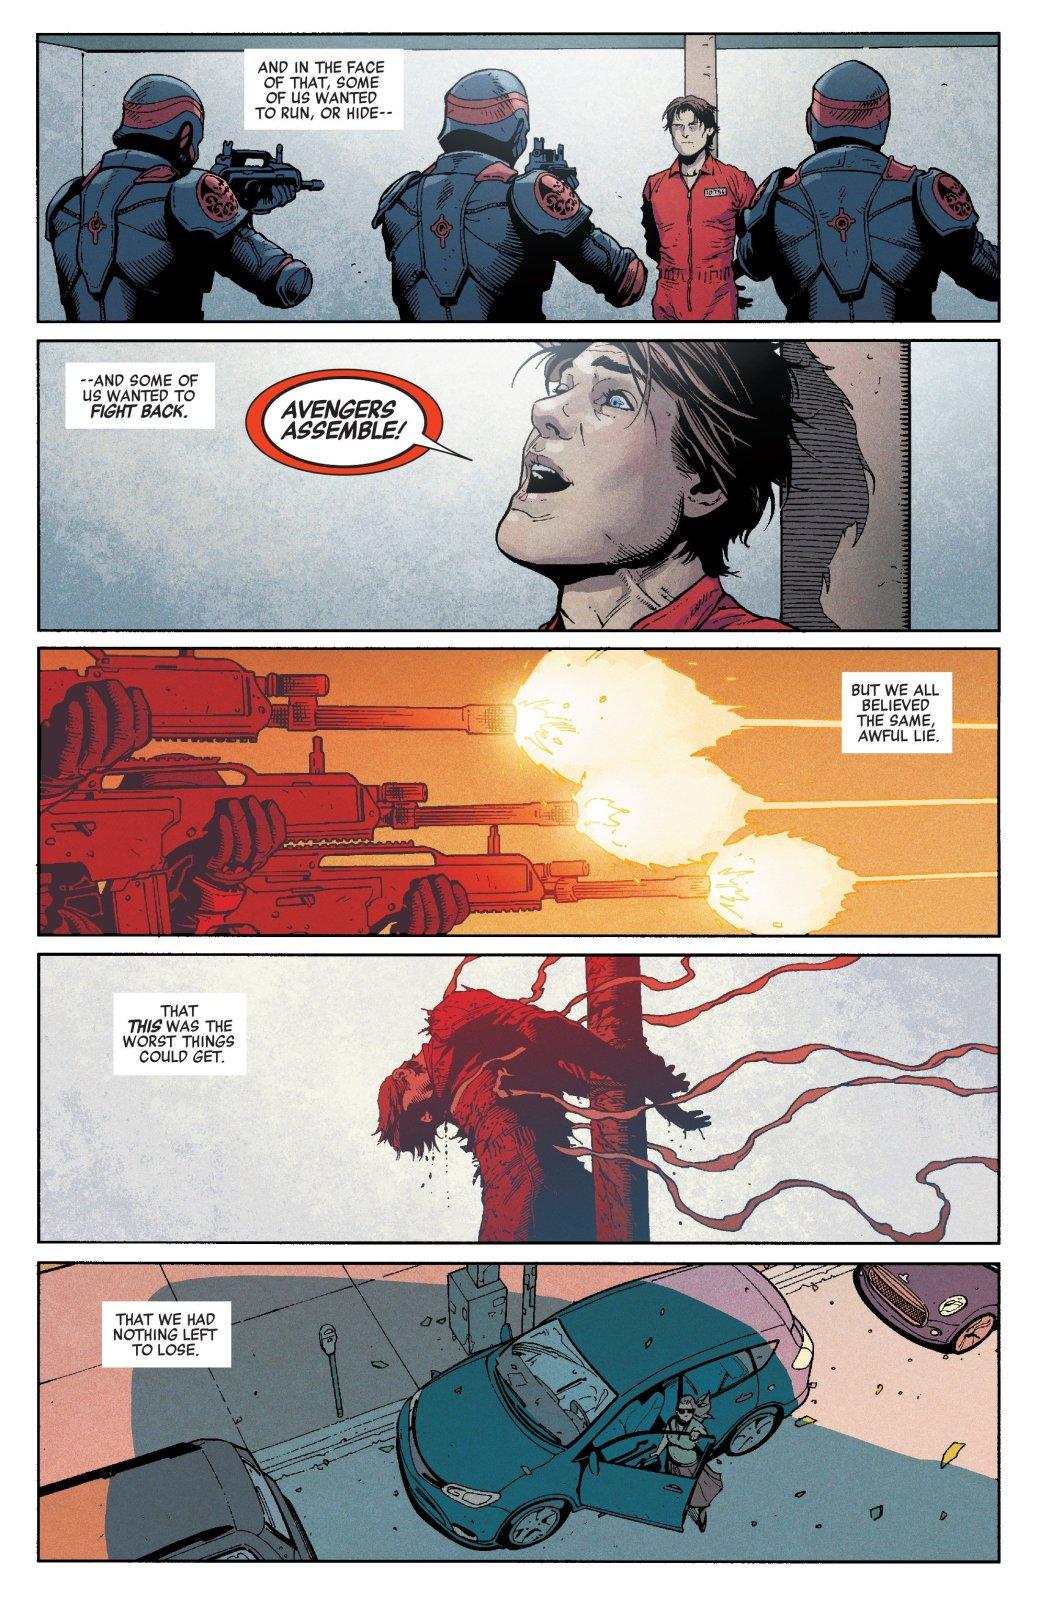 Пропаганда и концлагеря. Во что Гидра и Капитан Америка превратили США. - Изображение 21